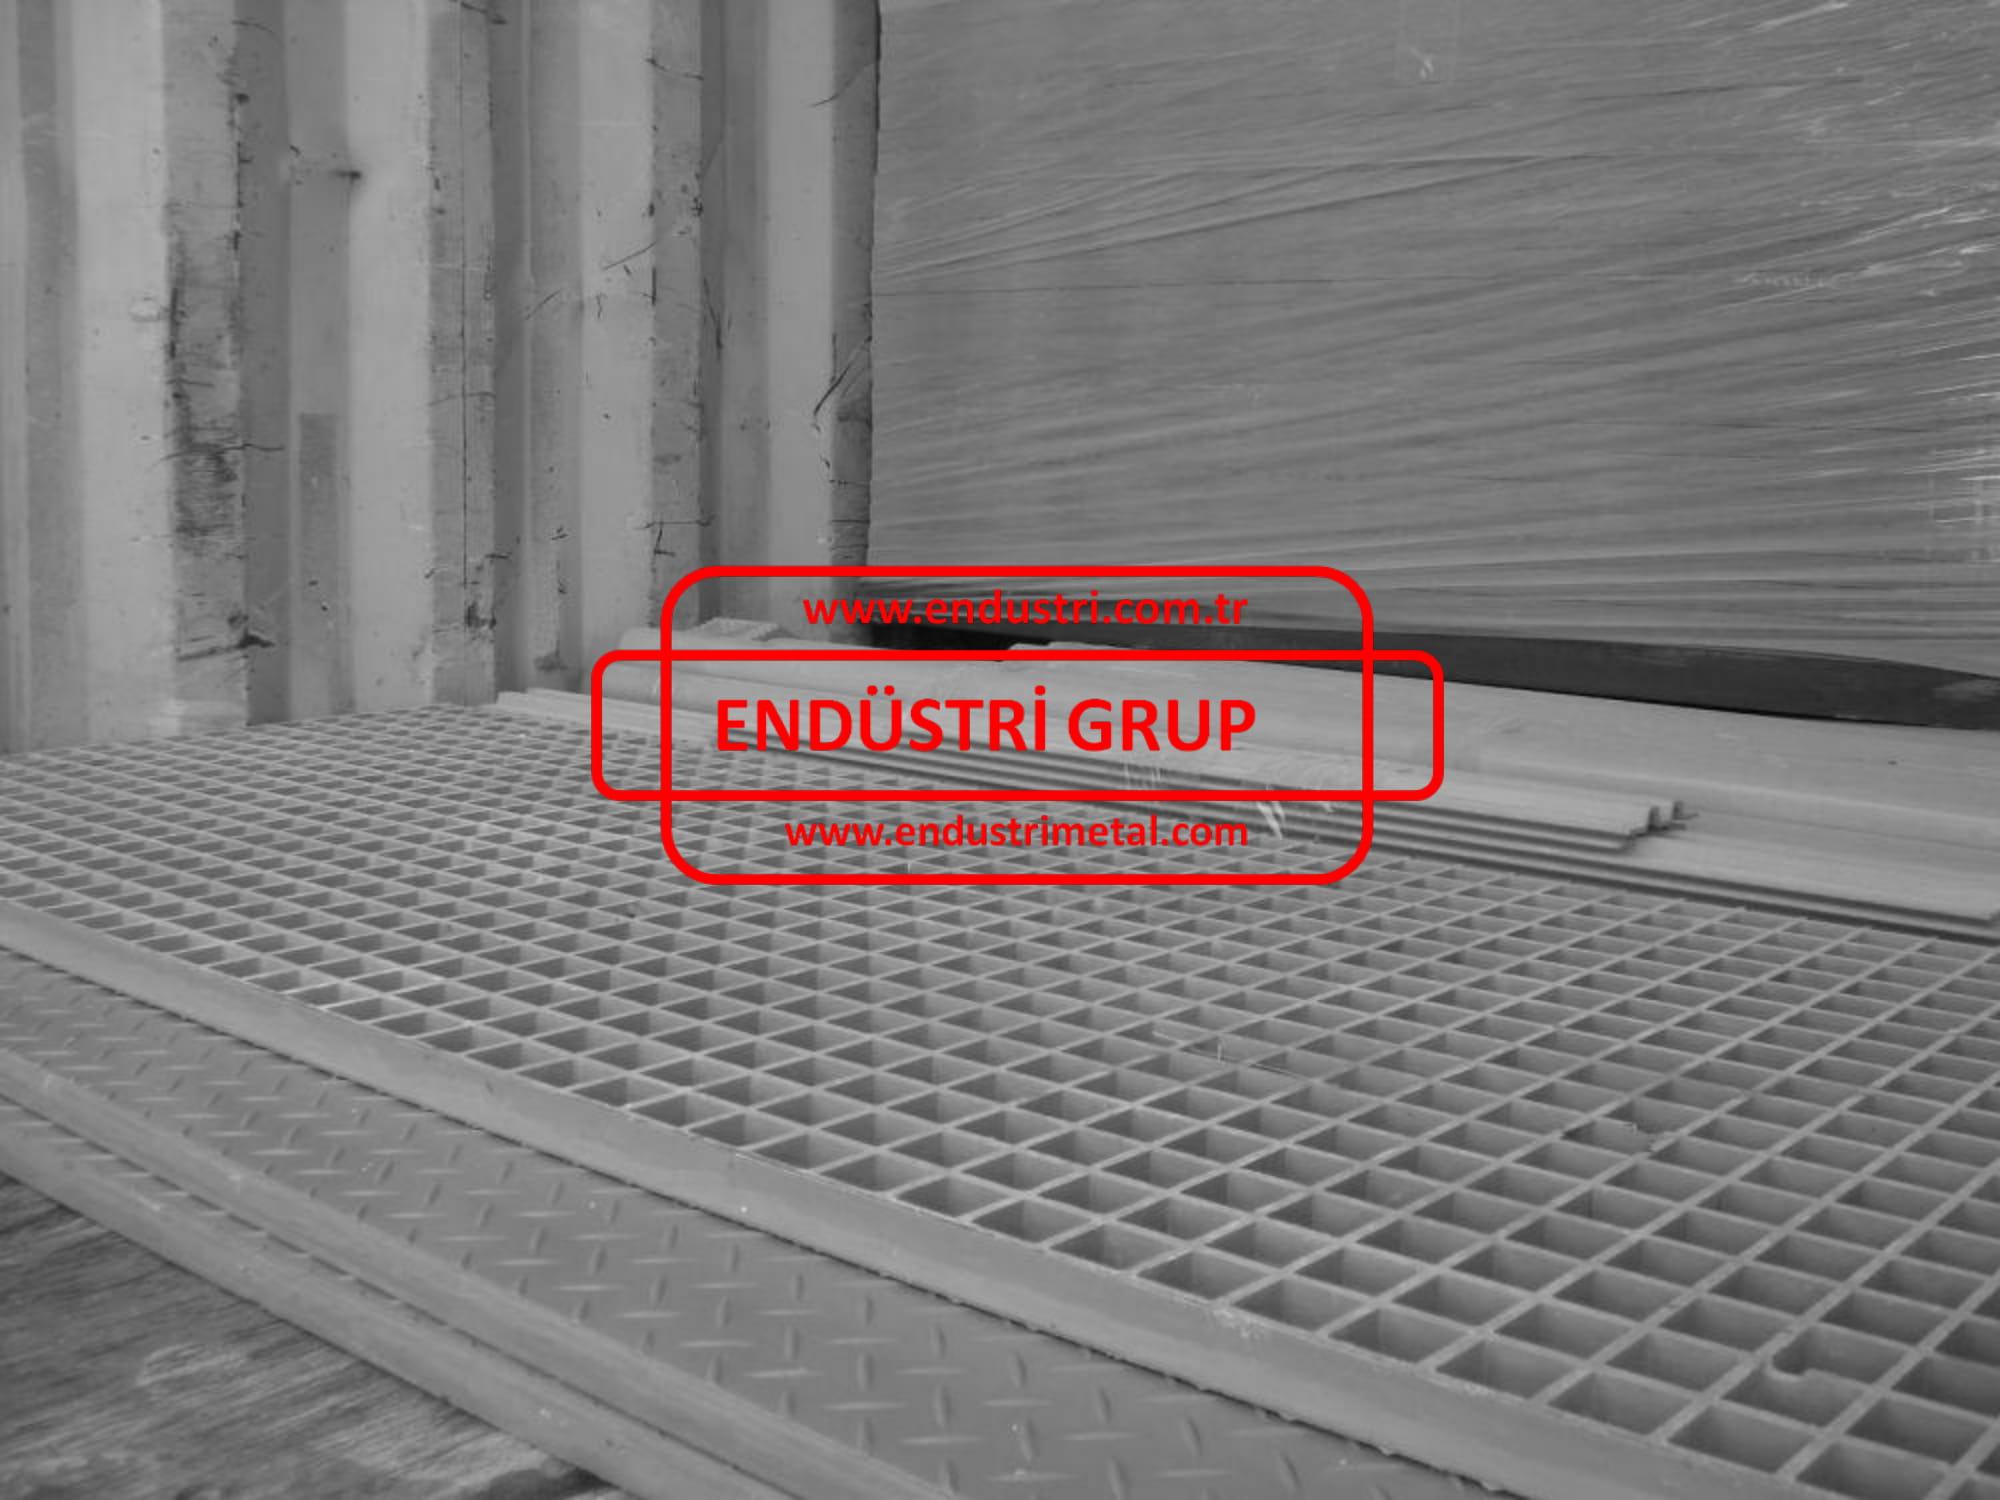 ctp-kompozit-platform-izgaralari-plastik-petek-izgarasi-basamak-izgara-fiyati